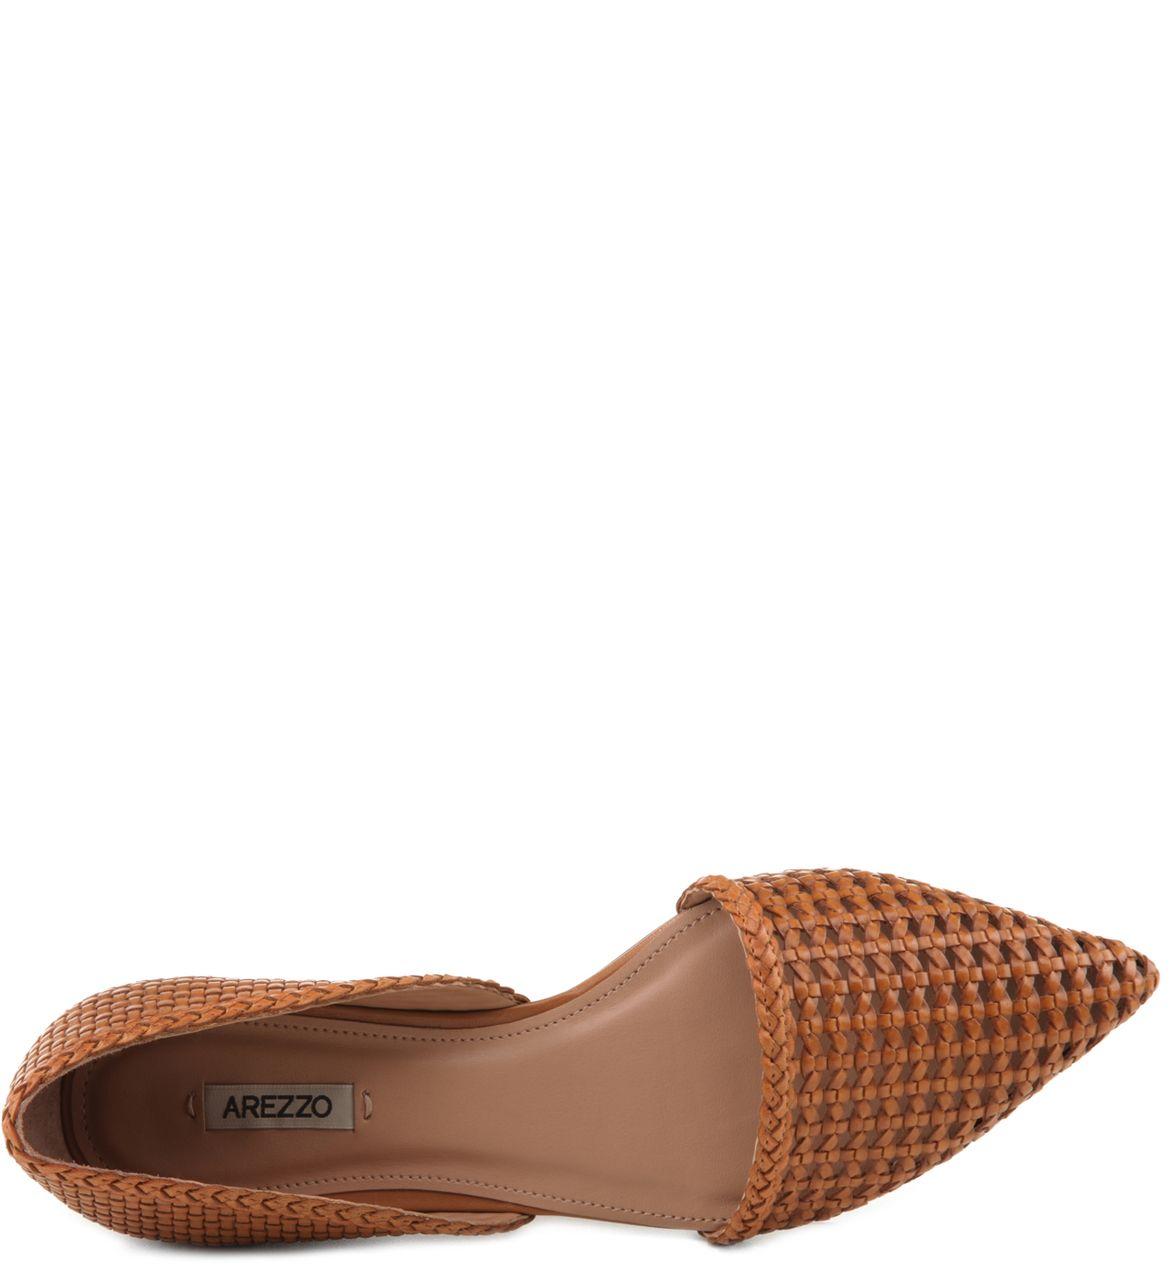 6857da292 Sapatilha Tramada Tan | Arezzo | Bags, clutches, shoes | Sapatos ...